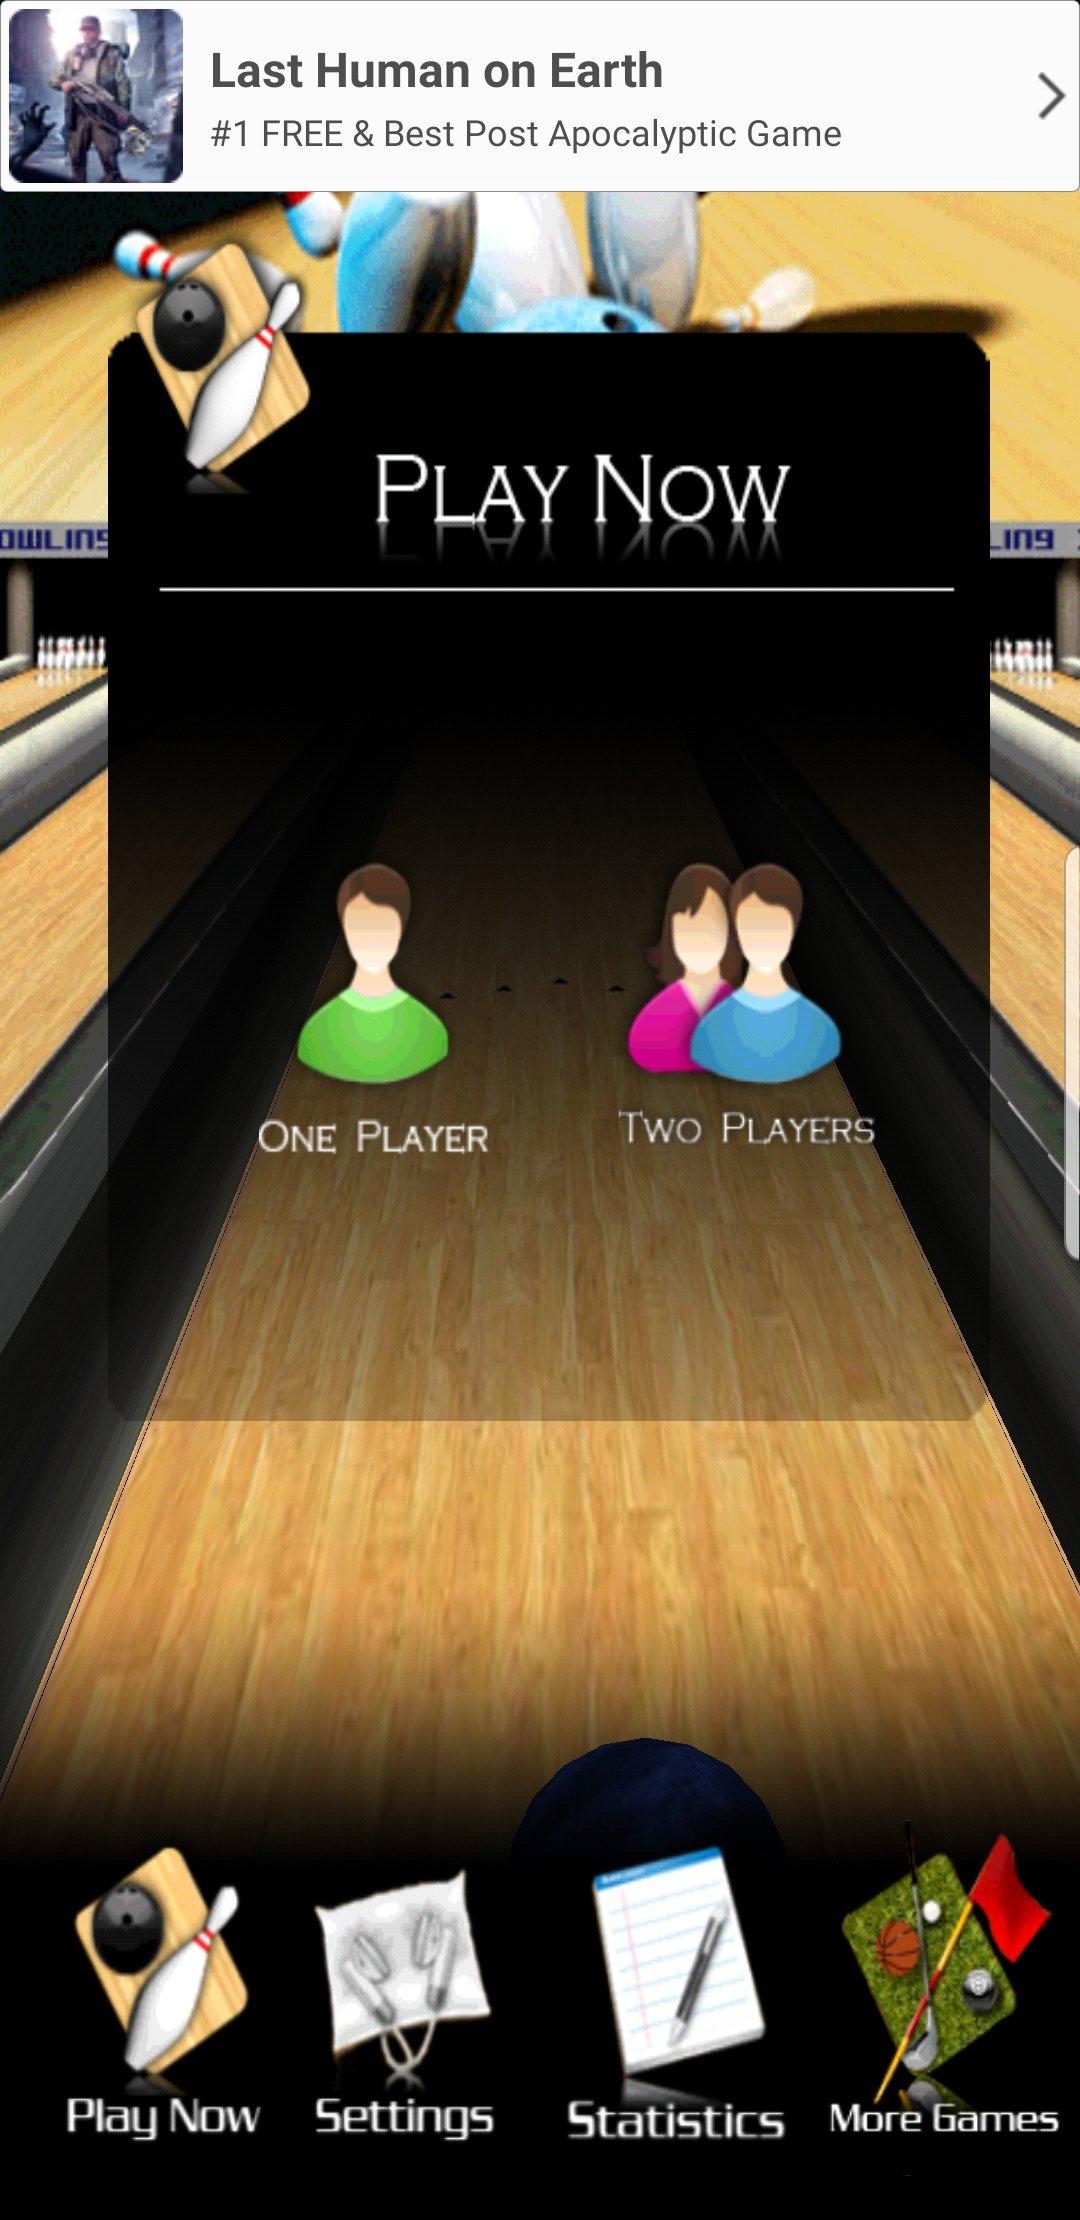 3D Bowling 3.2 - Télécharger Pour Android Apk Gratuitement serapportantà Jeux Gratuits De Bowling